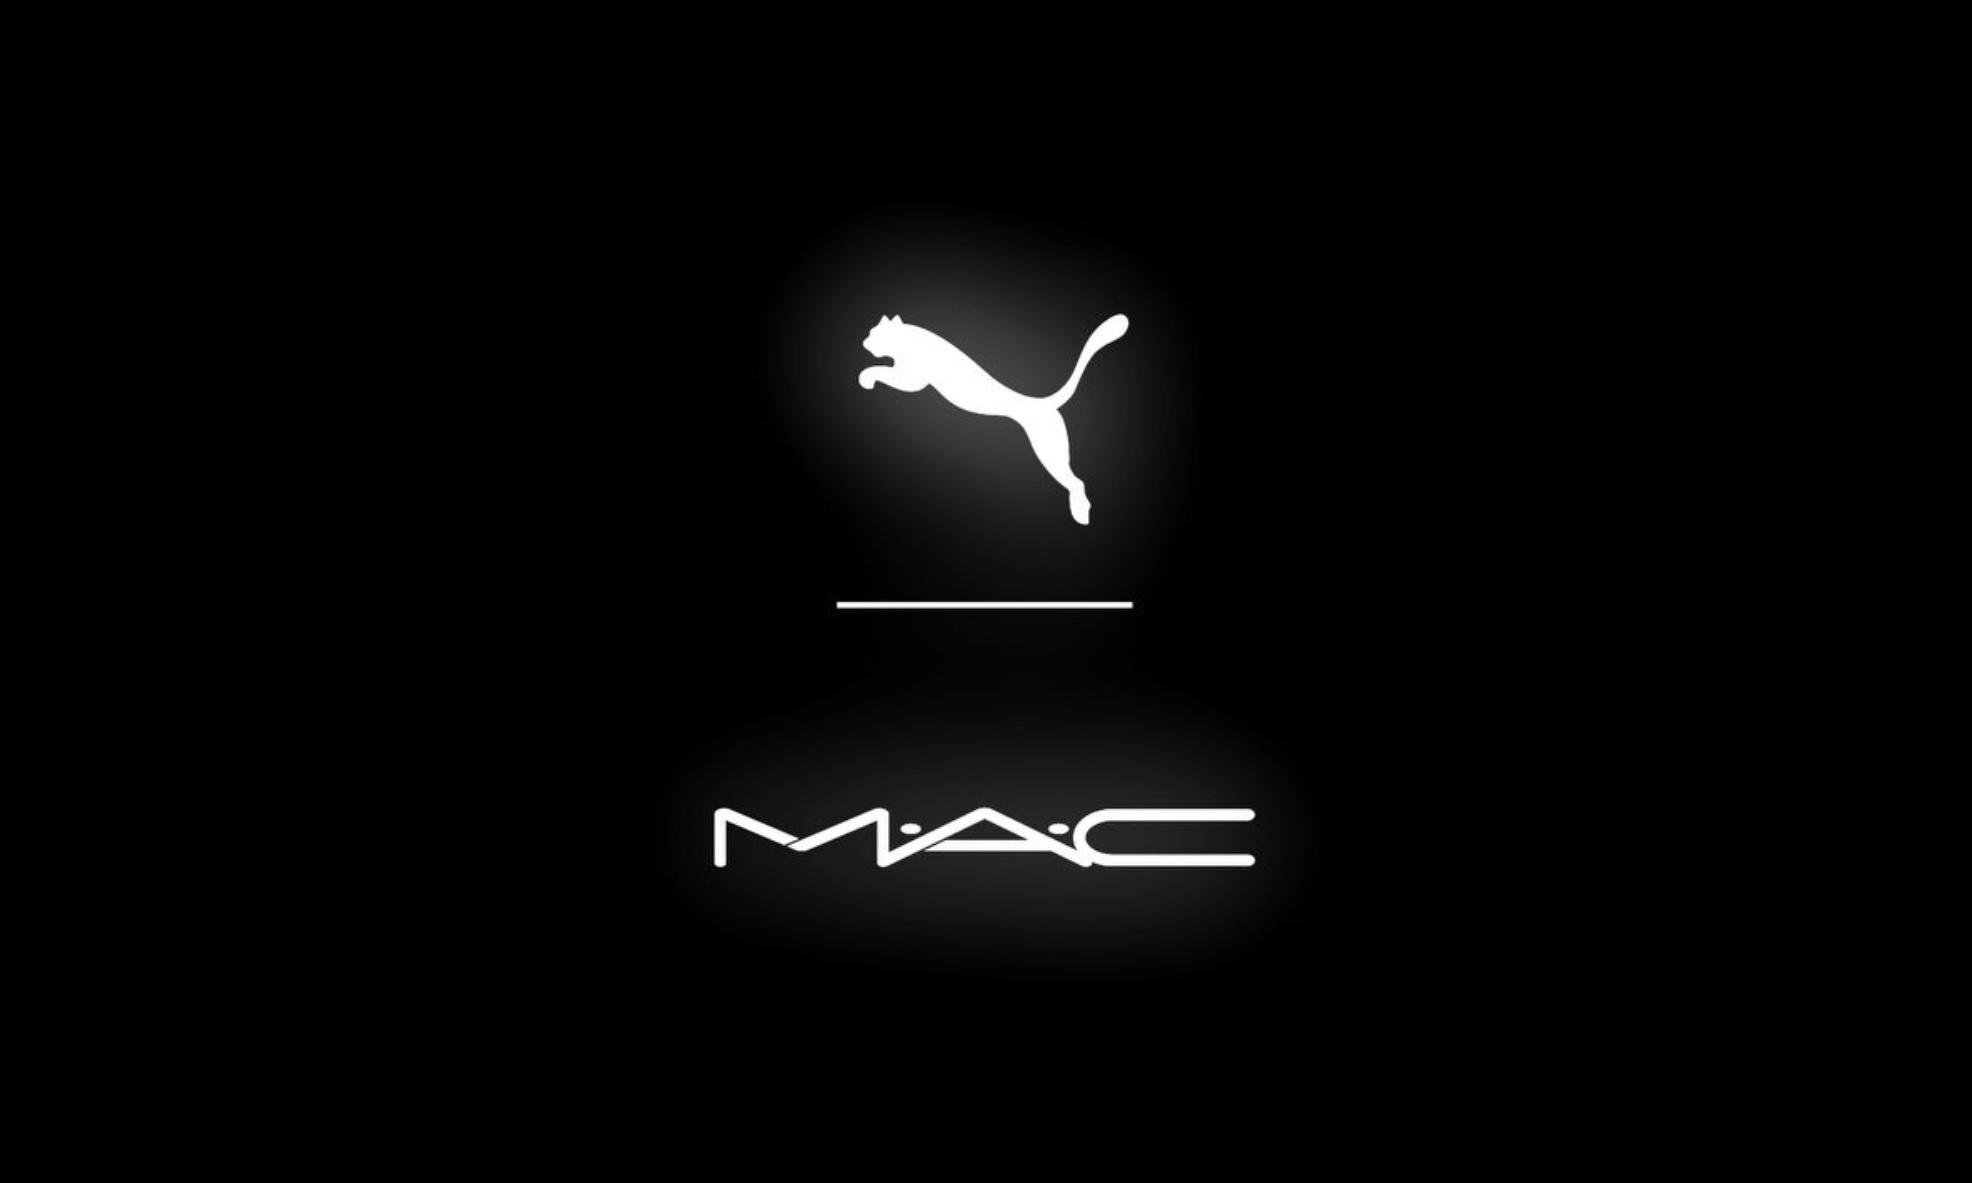 女生超爱的彩妆品牌 M·A·C 要跟 PUMA 合作推出…一双鞋?